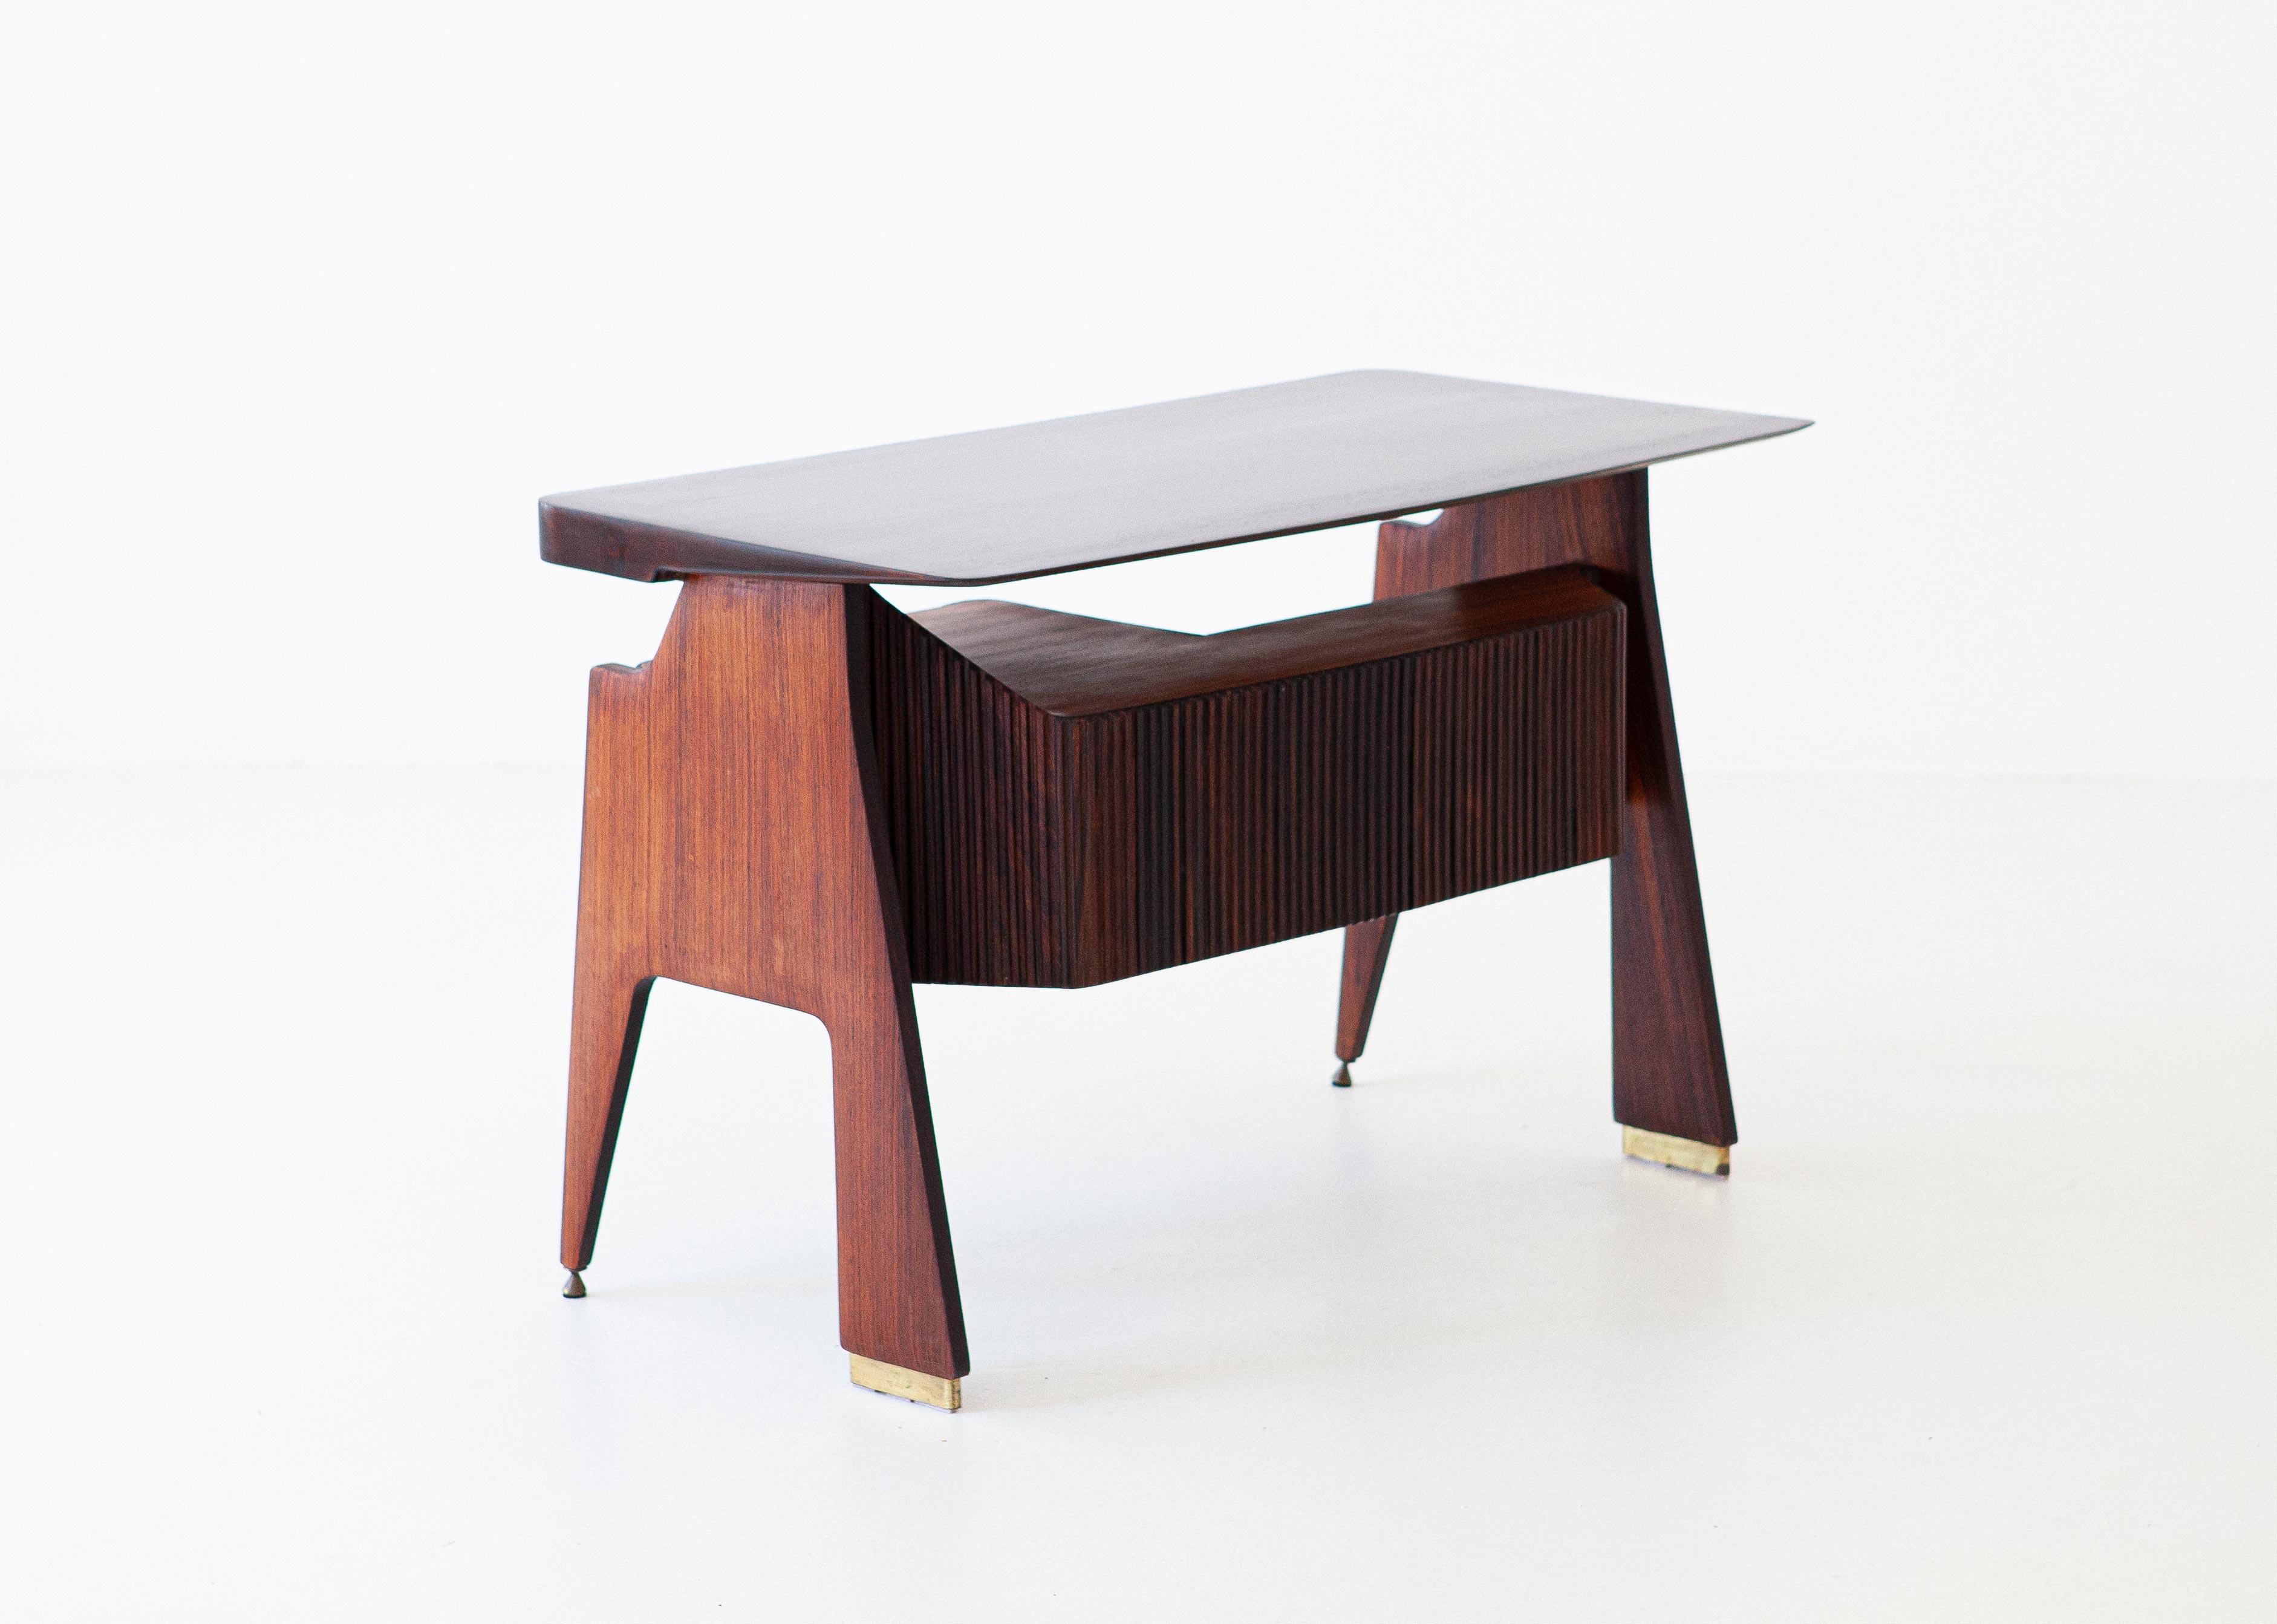 1950s-Italian-rosewood-desk-table-dassi-19-d28